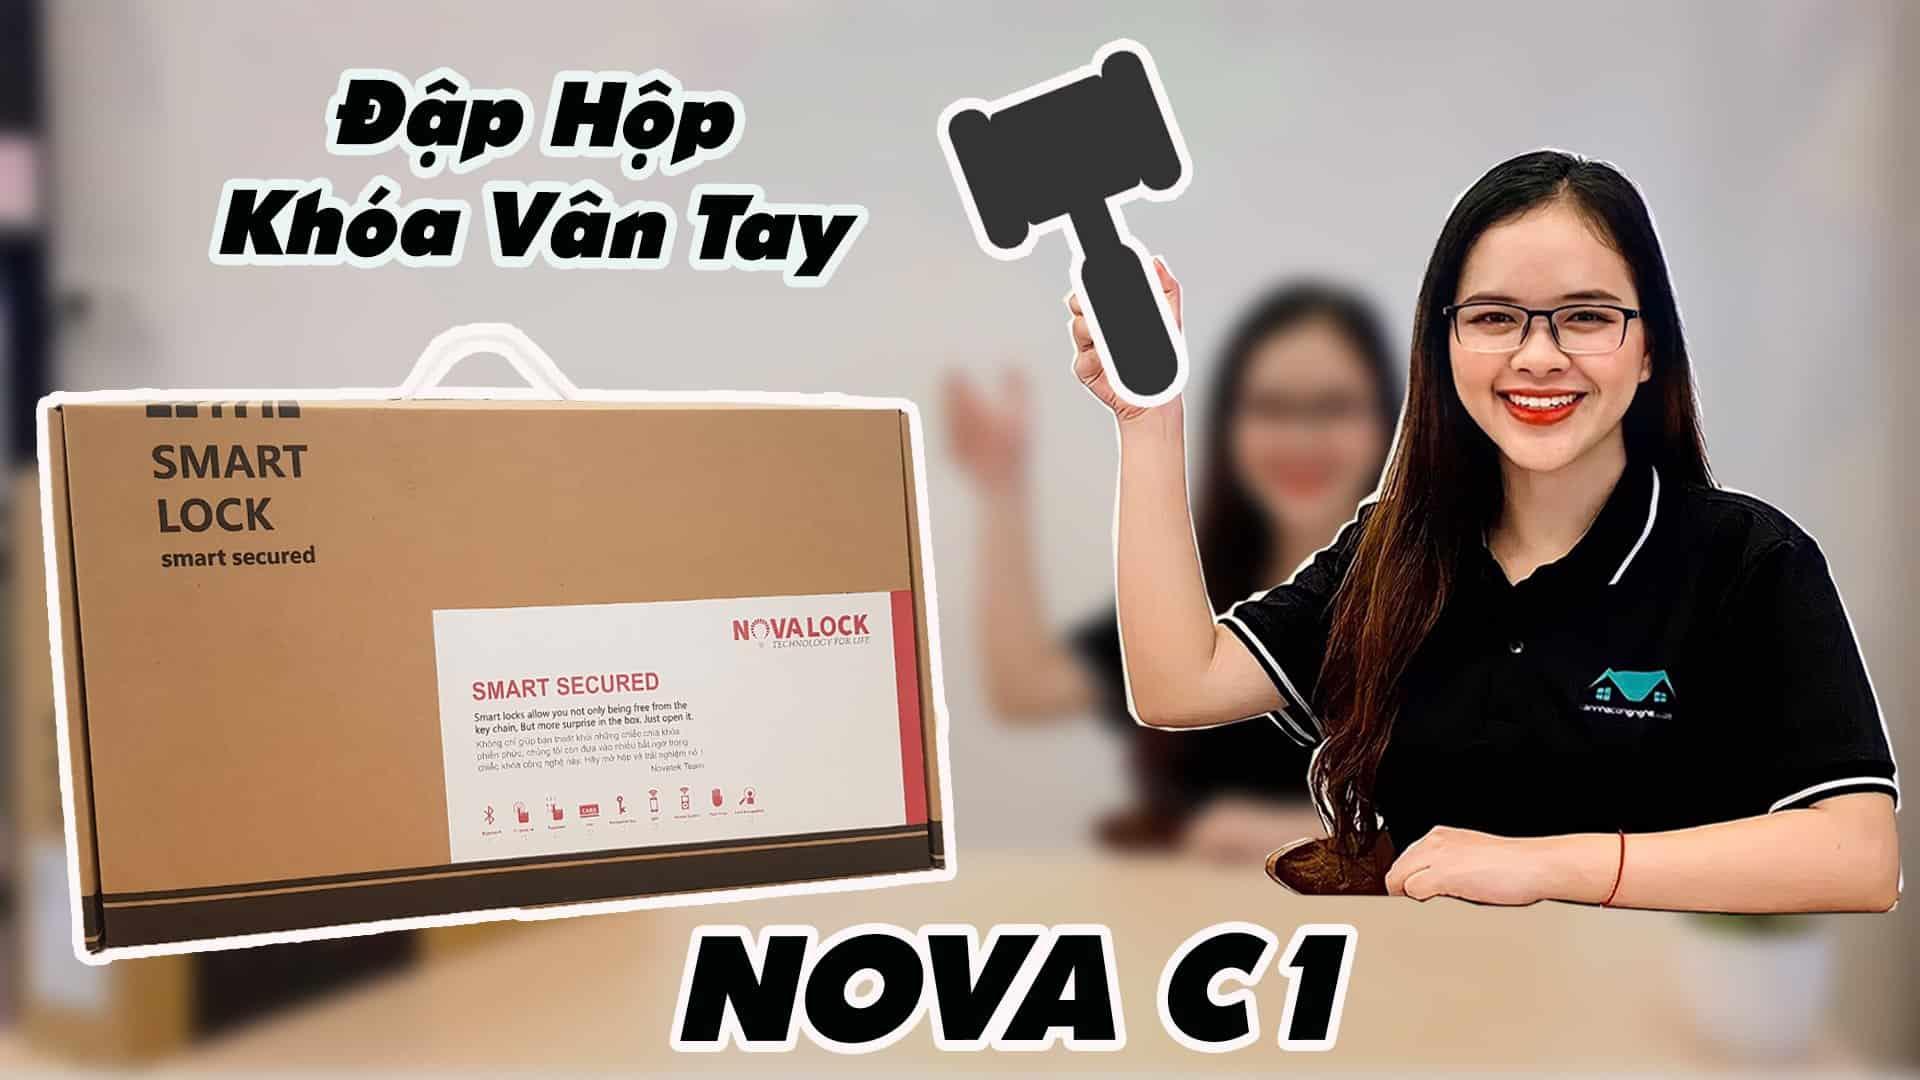 Đập hộp khóa vân tay NOVA C1